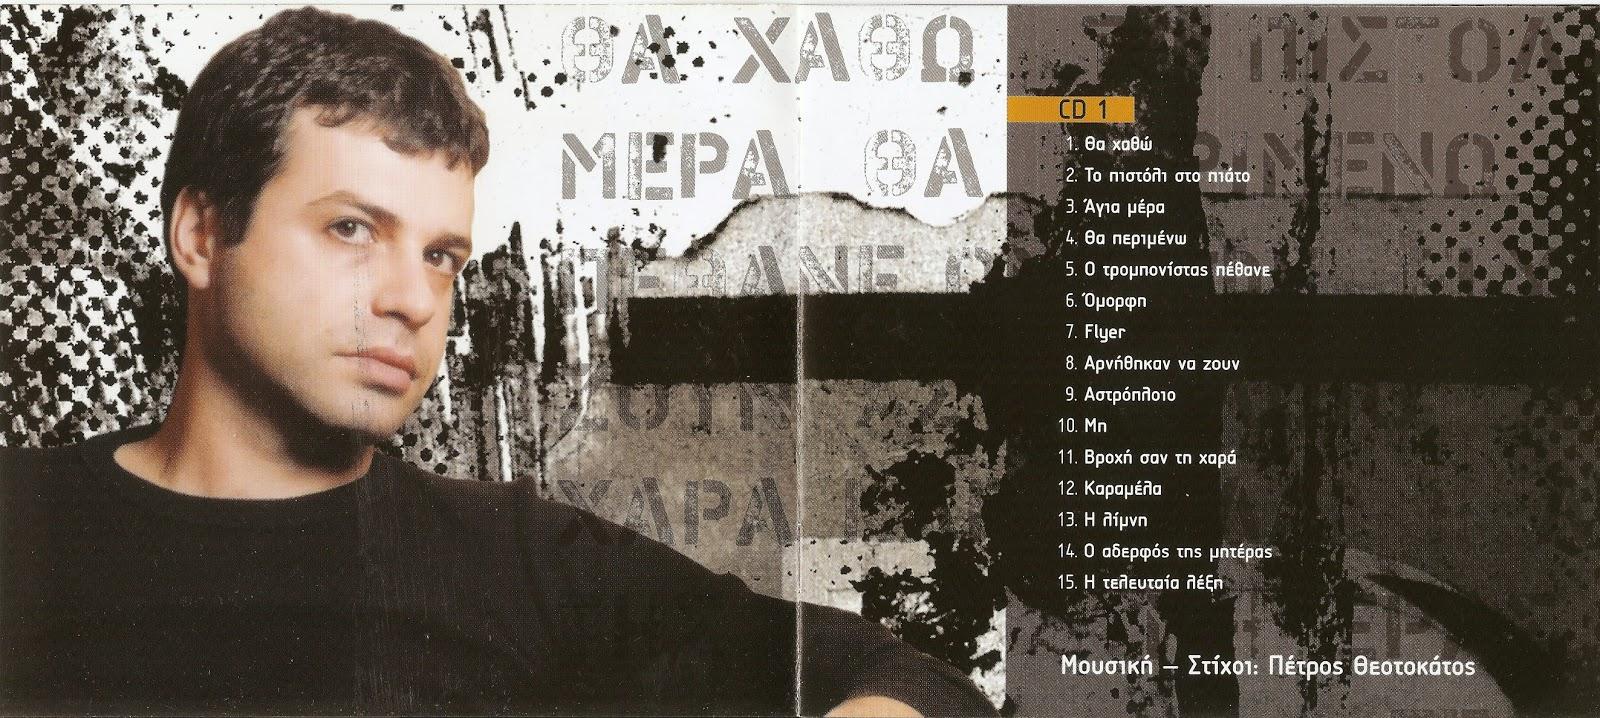 ΠΕΤΡΟΣ ΘΕΟΤΟΚΑΤΟΣ - ΘΑ ΧΑΘΩ cd rock 1